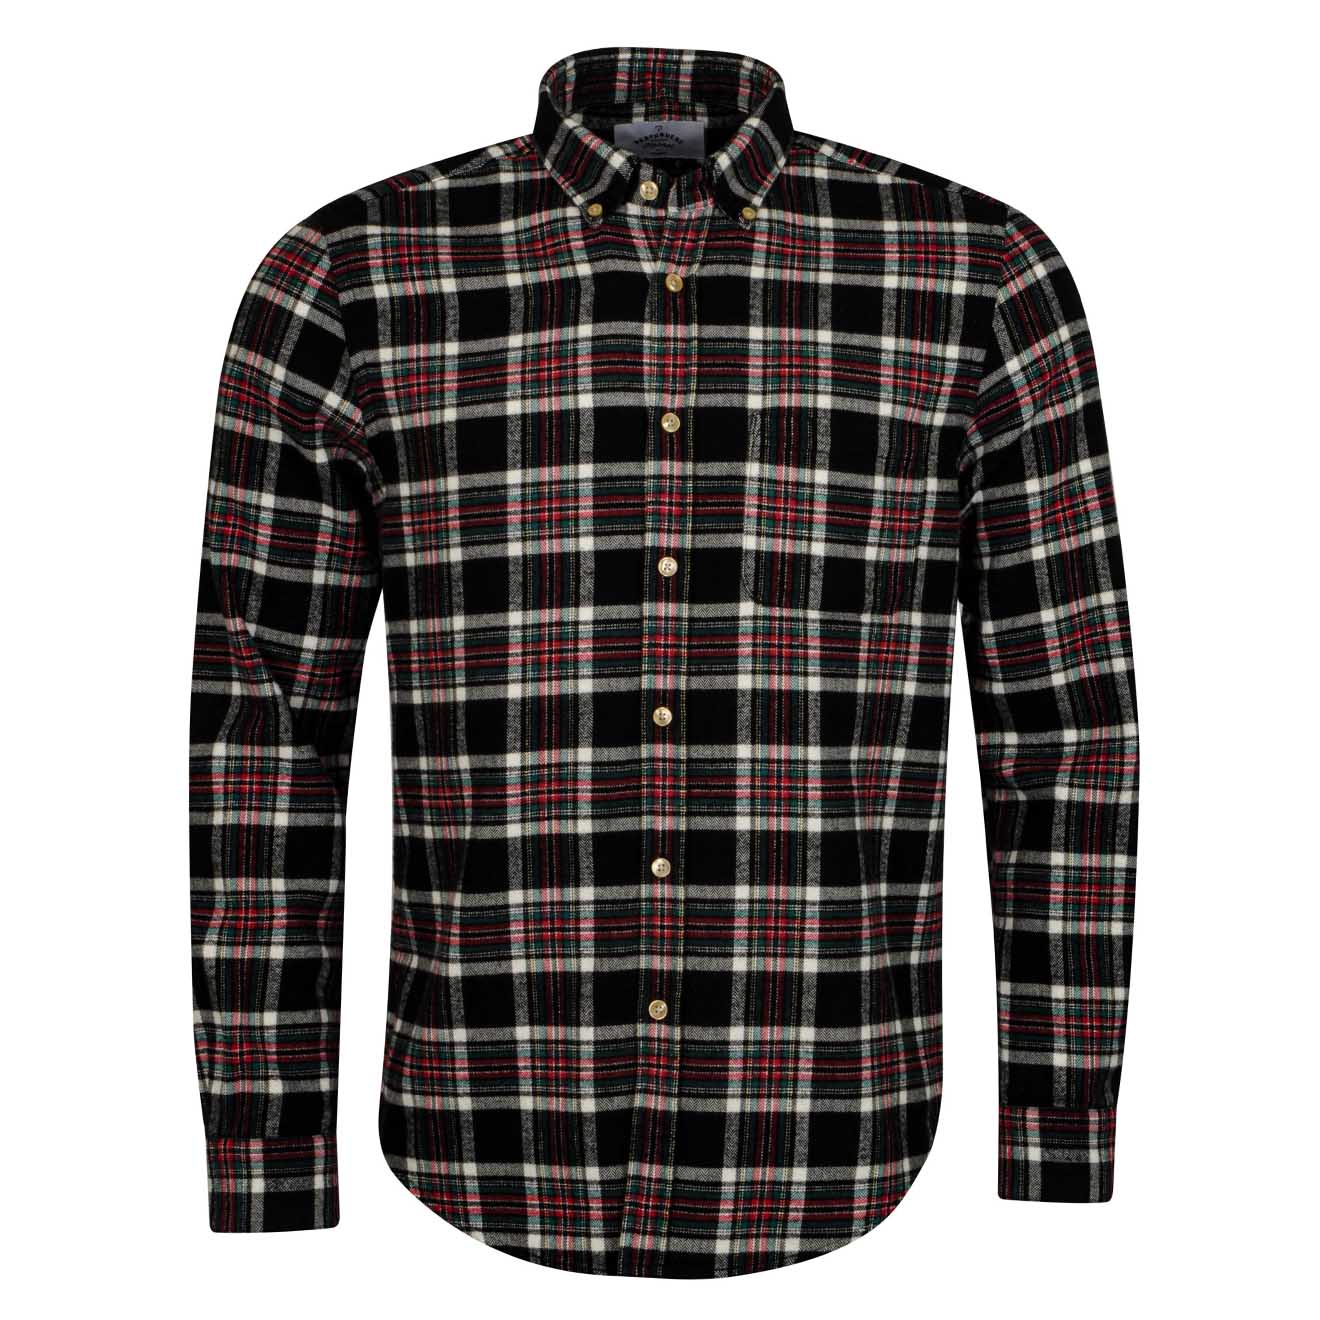 Portuguese Flannel Nazare Shirt Black Check